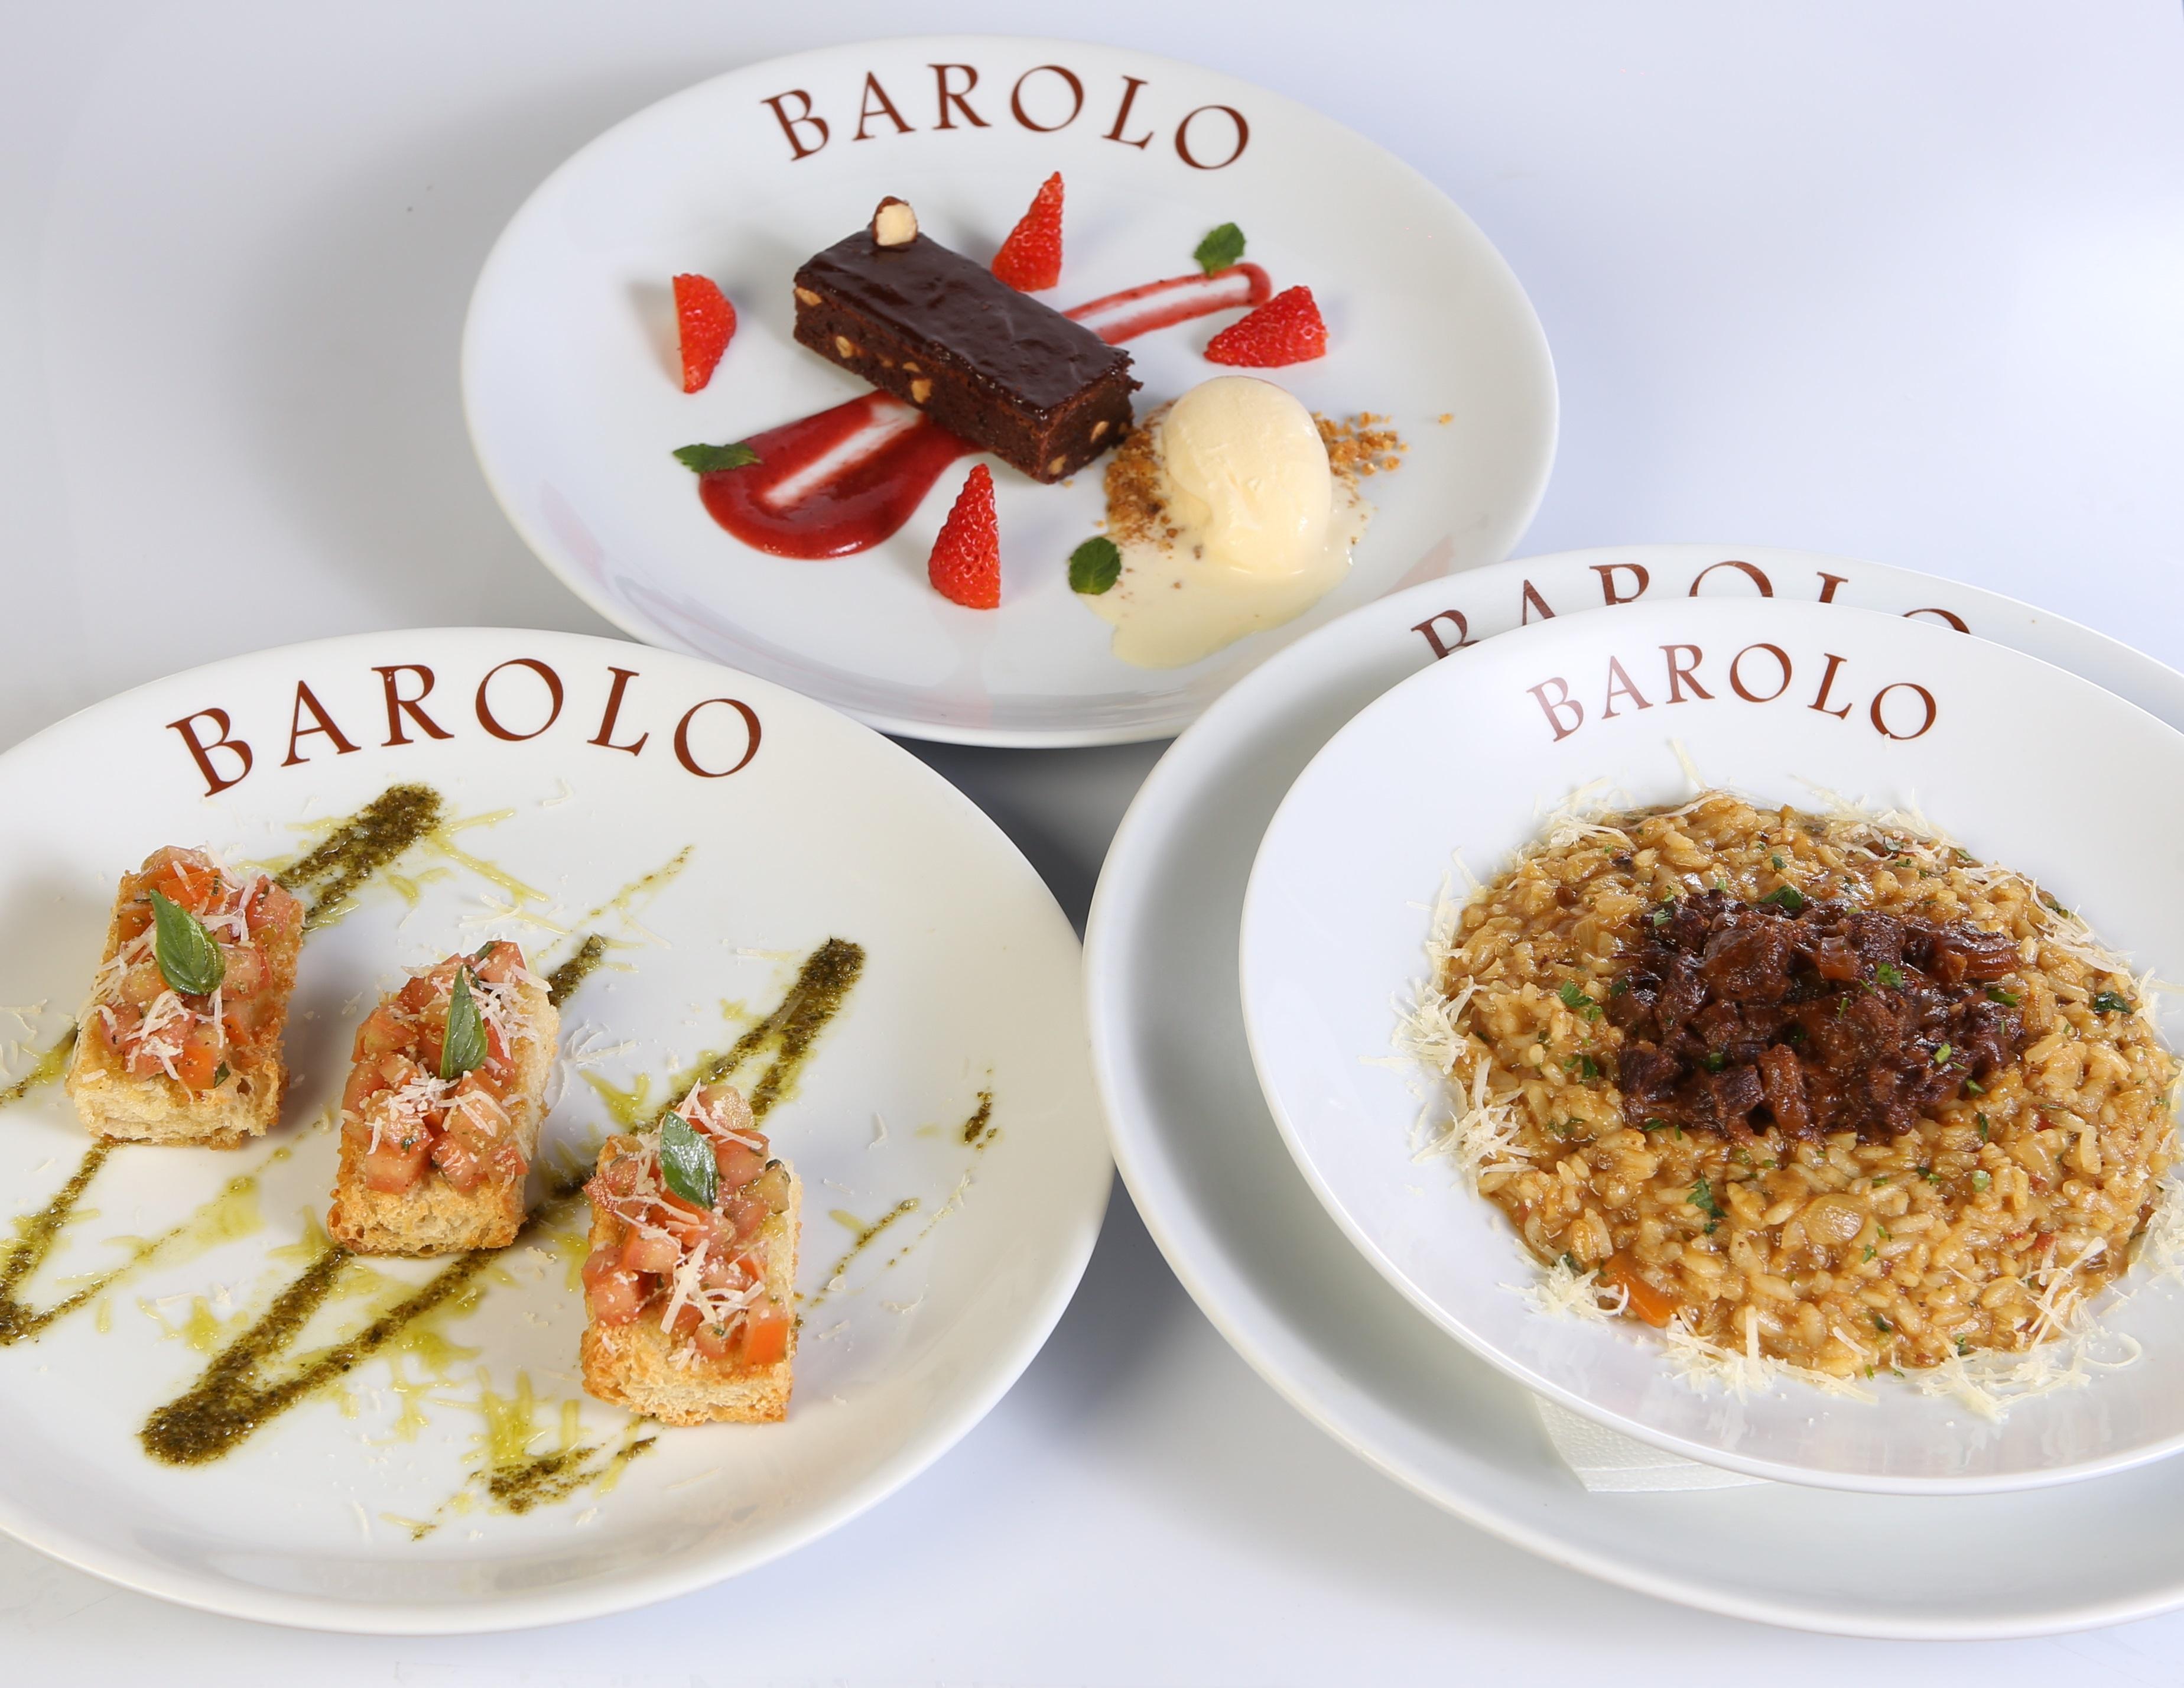 barolo-1